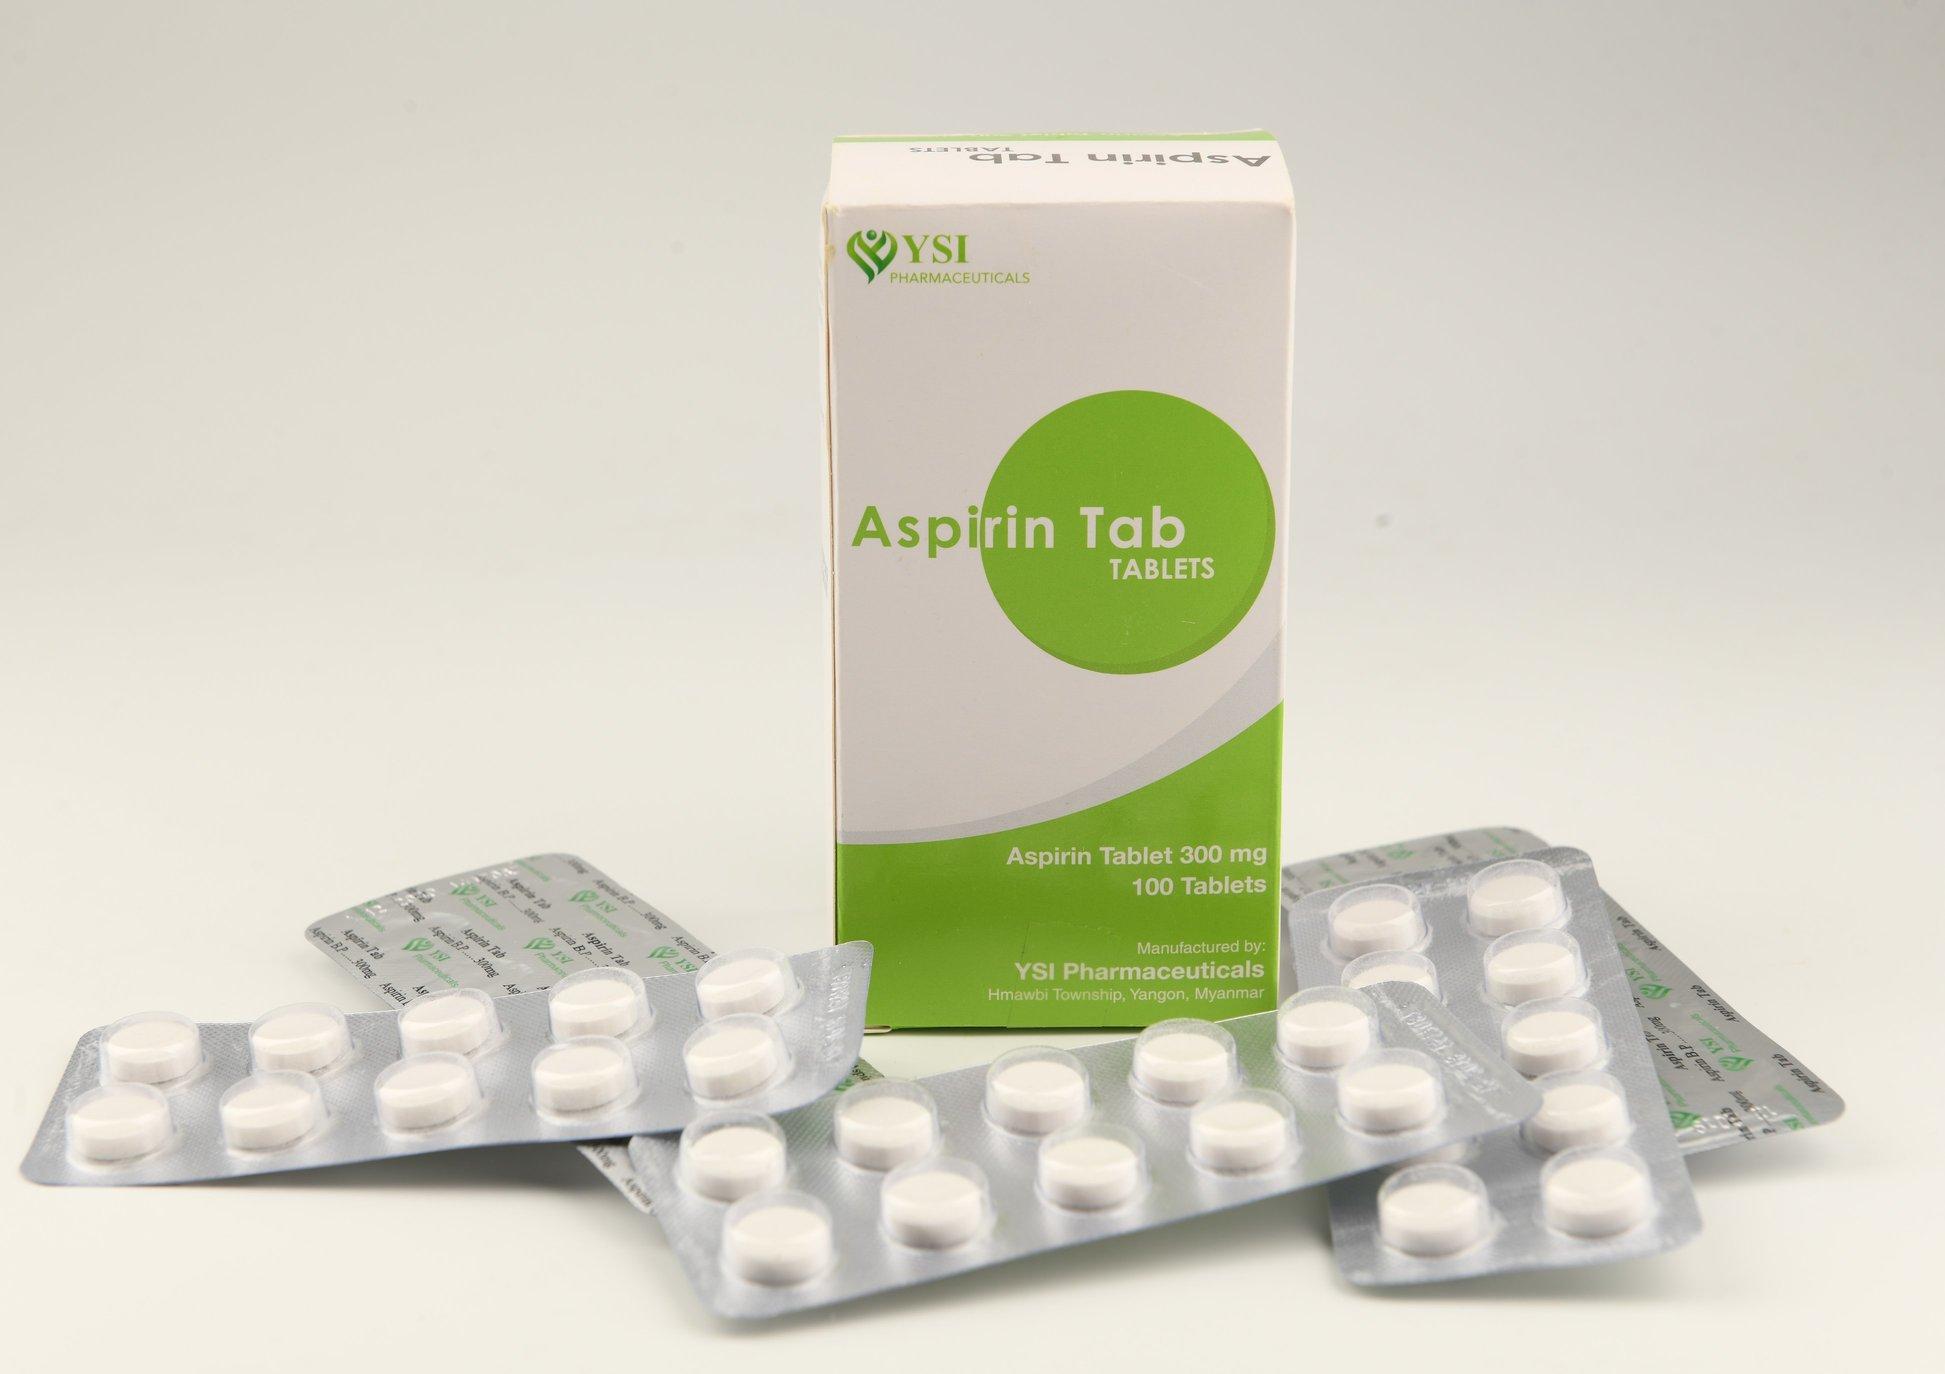 Aspirin Tab